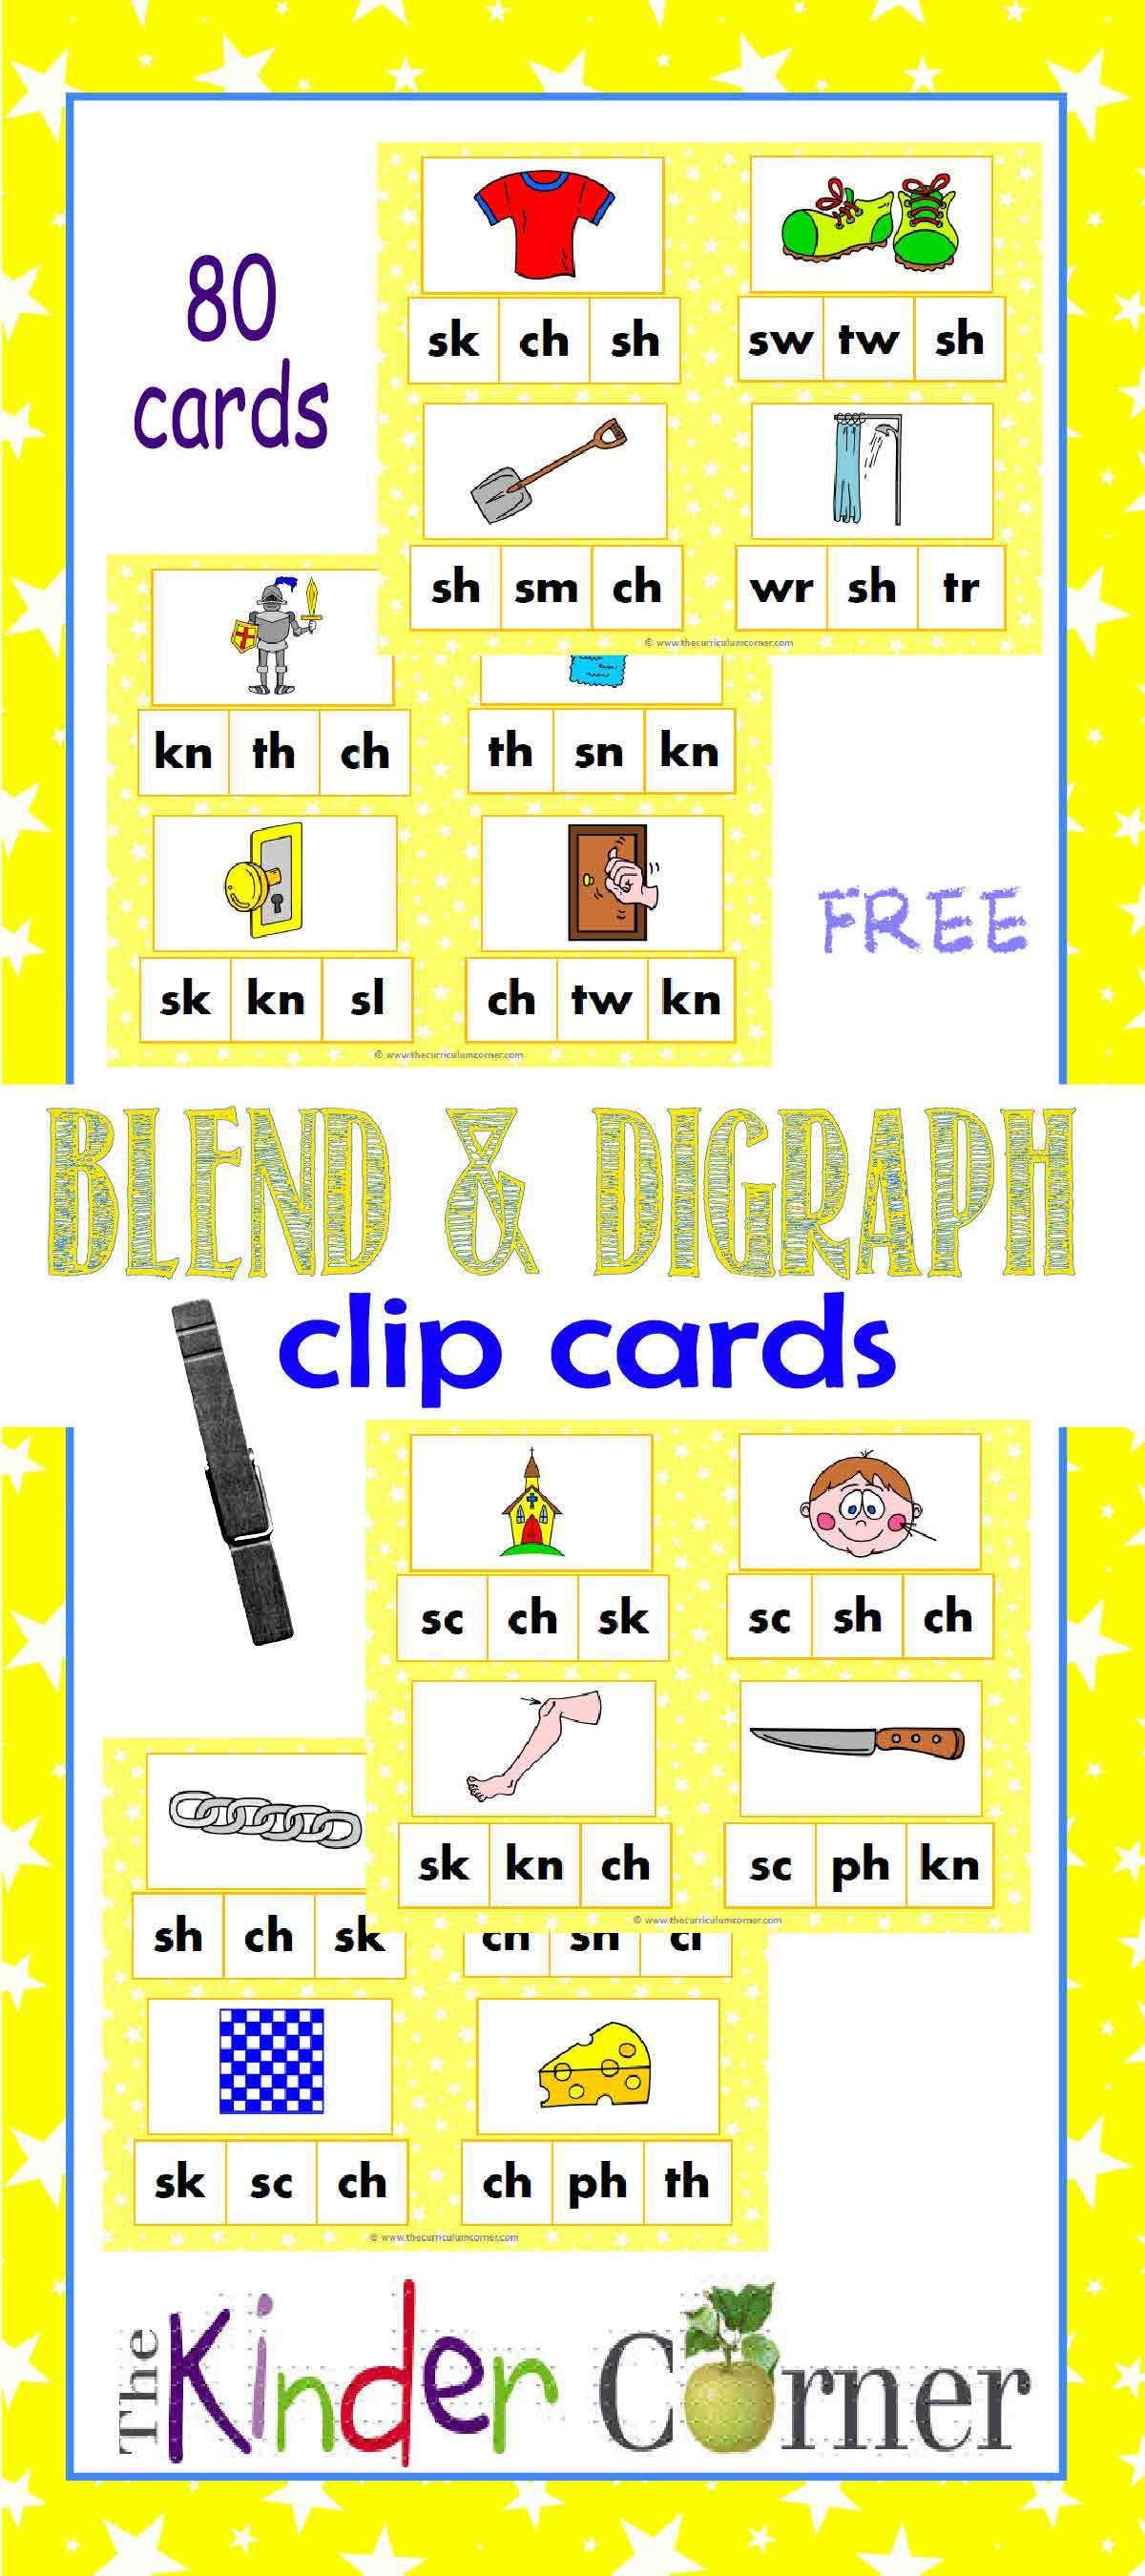 Blends Amp Digraphs Clip Cards